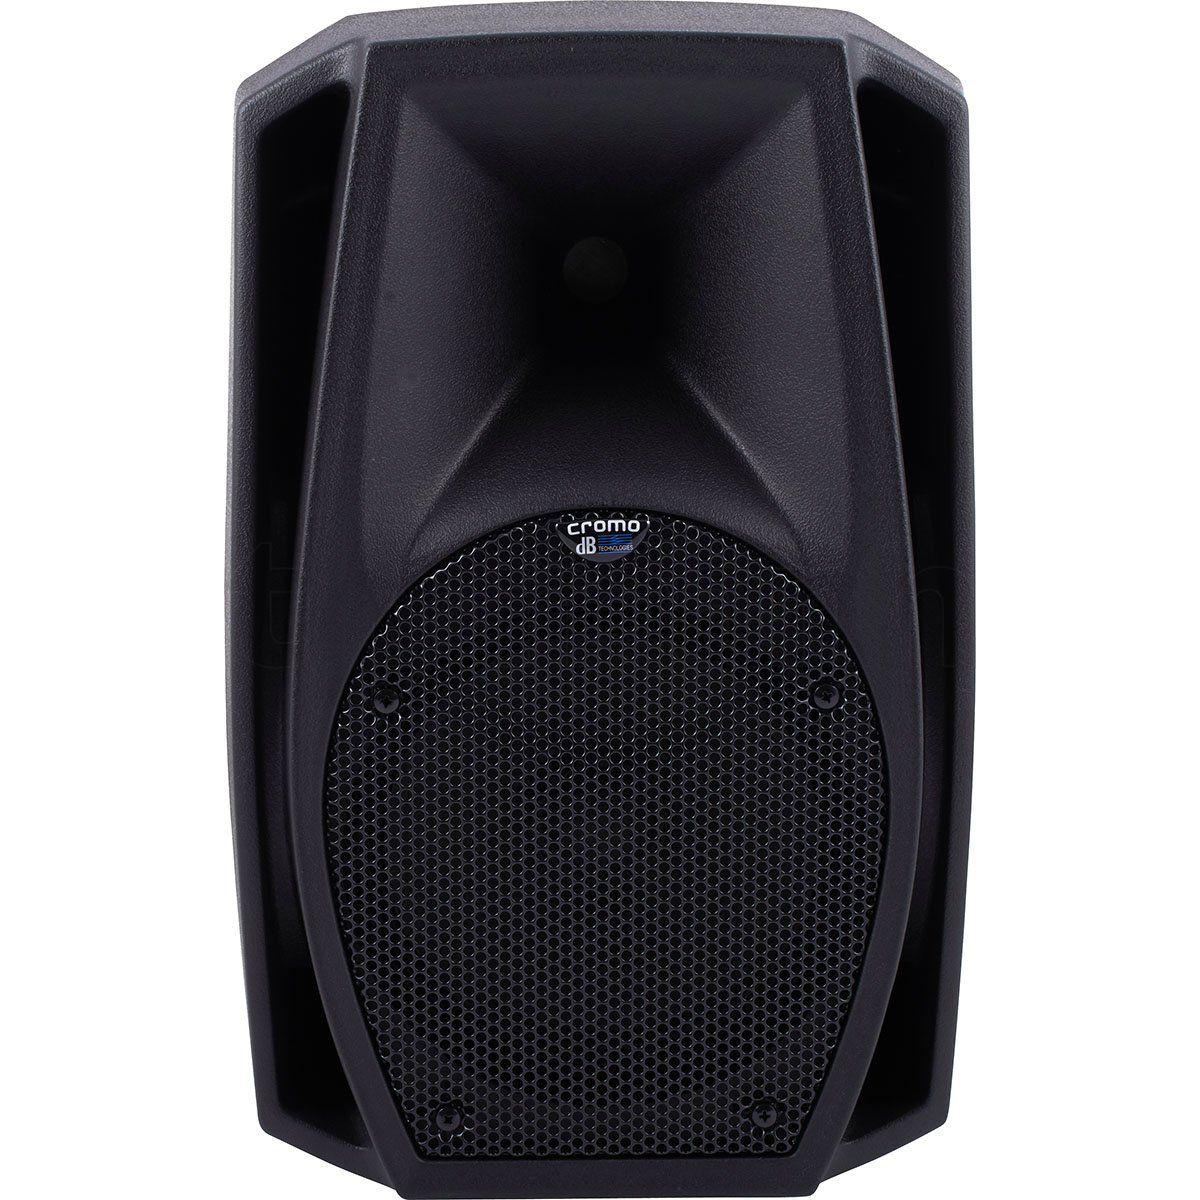 dB Technologies Cromo 8+ Caixa de Som Cromo8+ Ativa 300W Acústica para Música ao Vivo